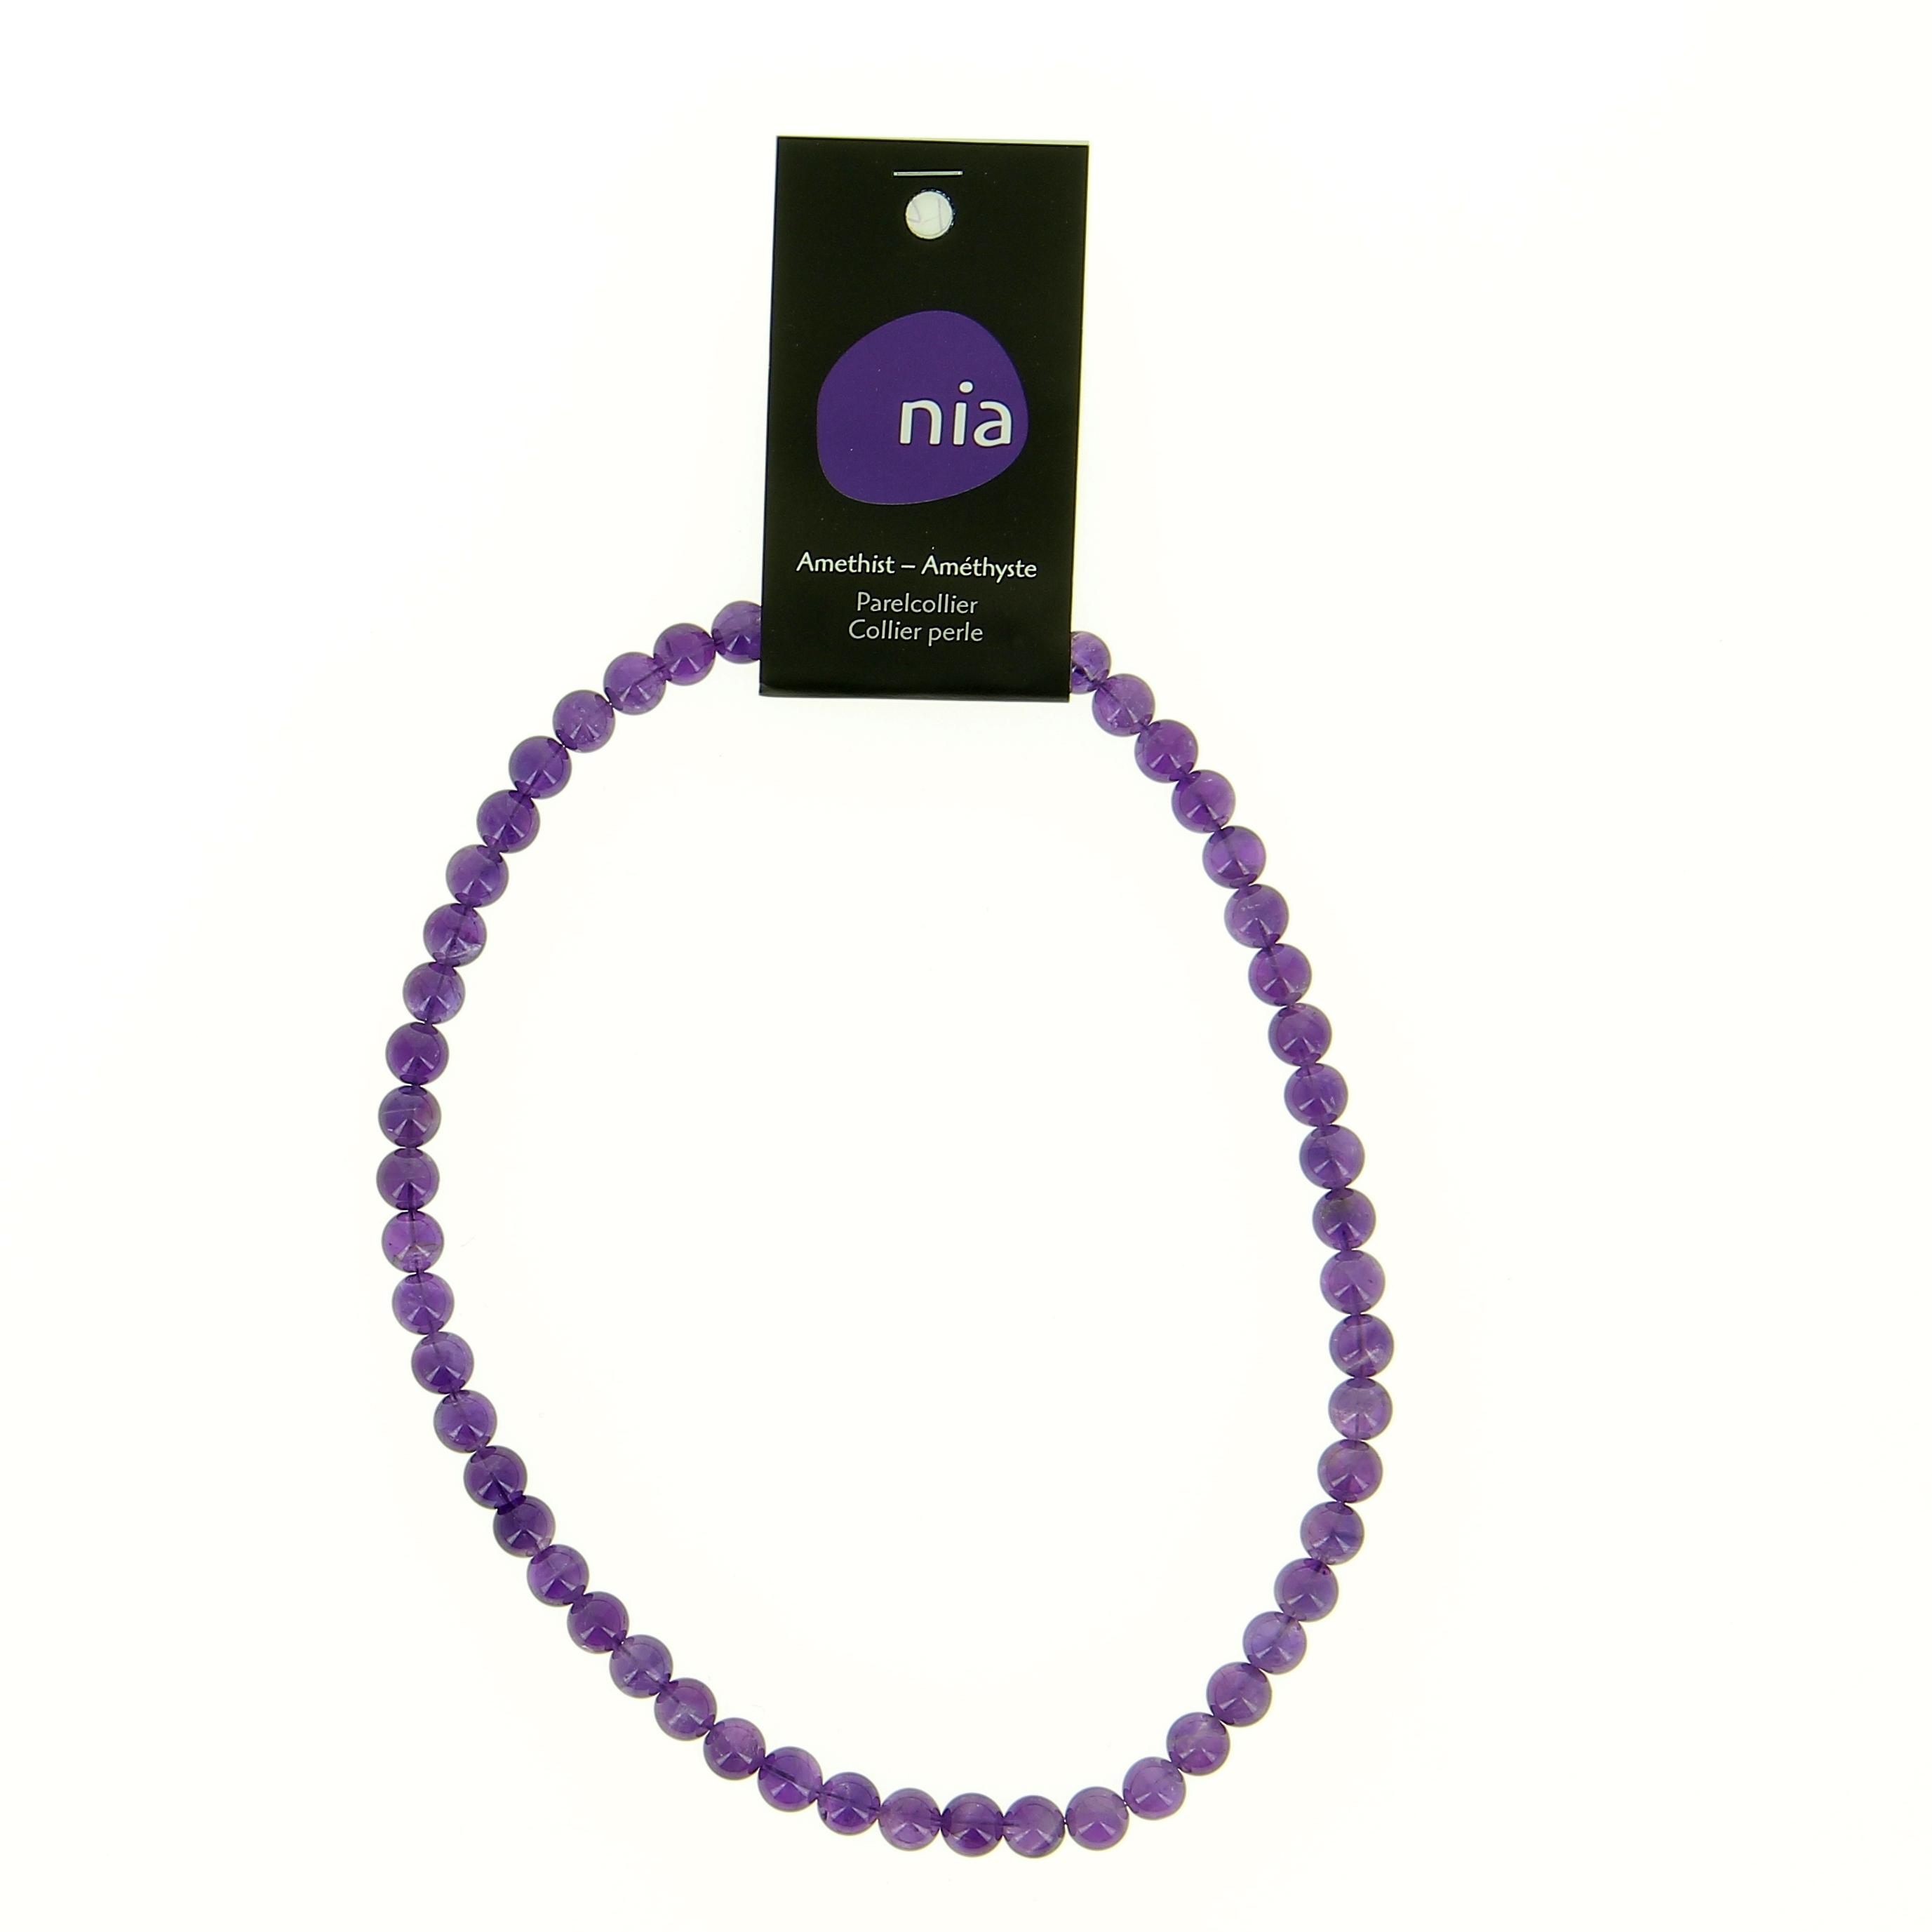 collier perle 40 cm